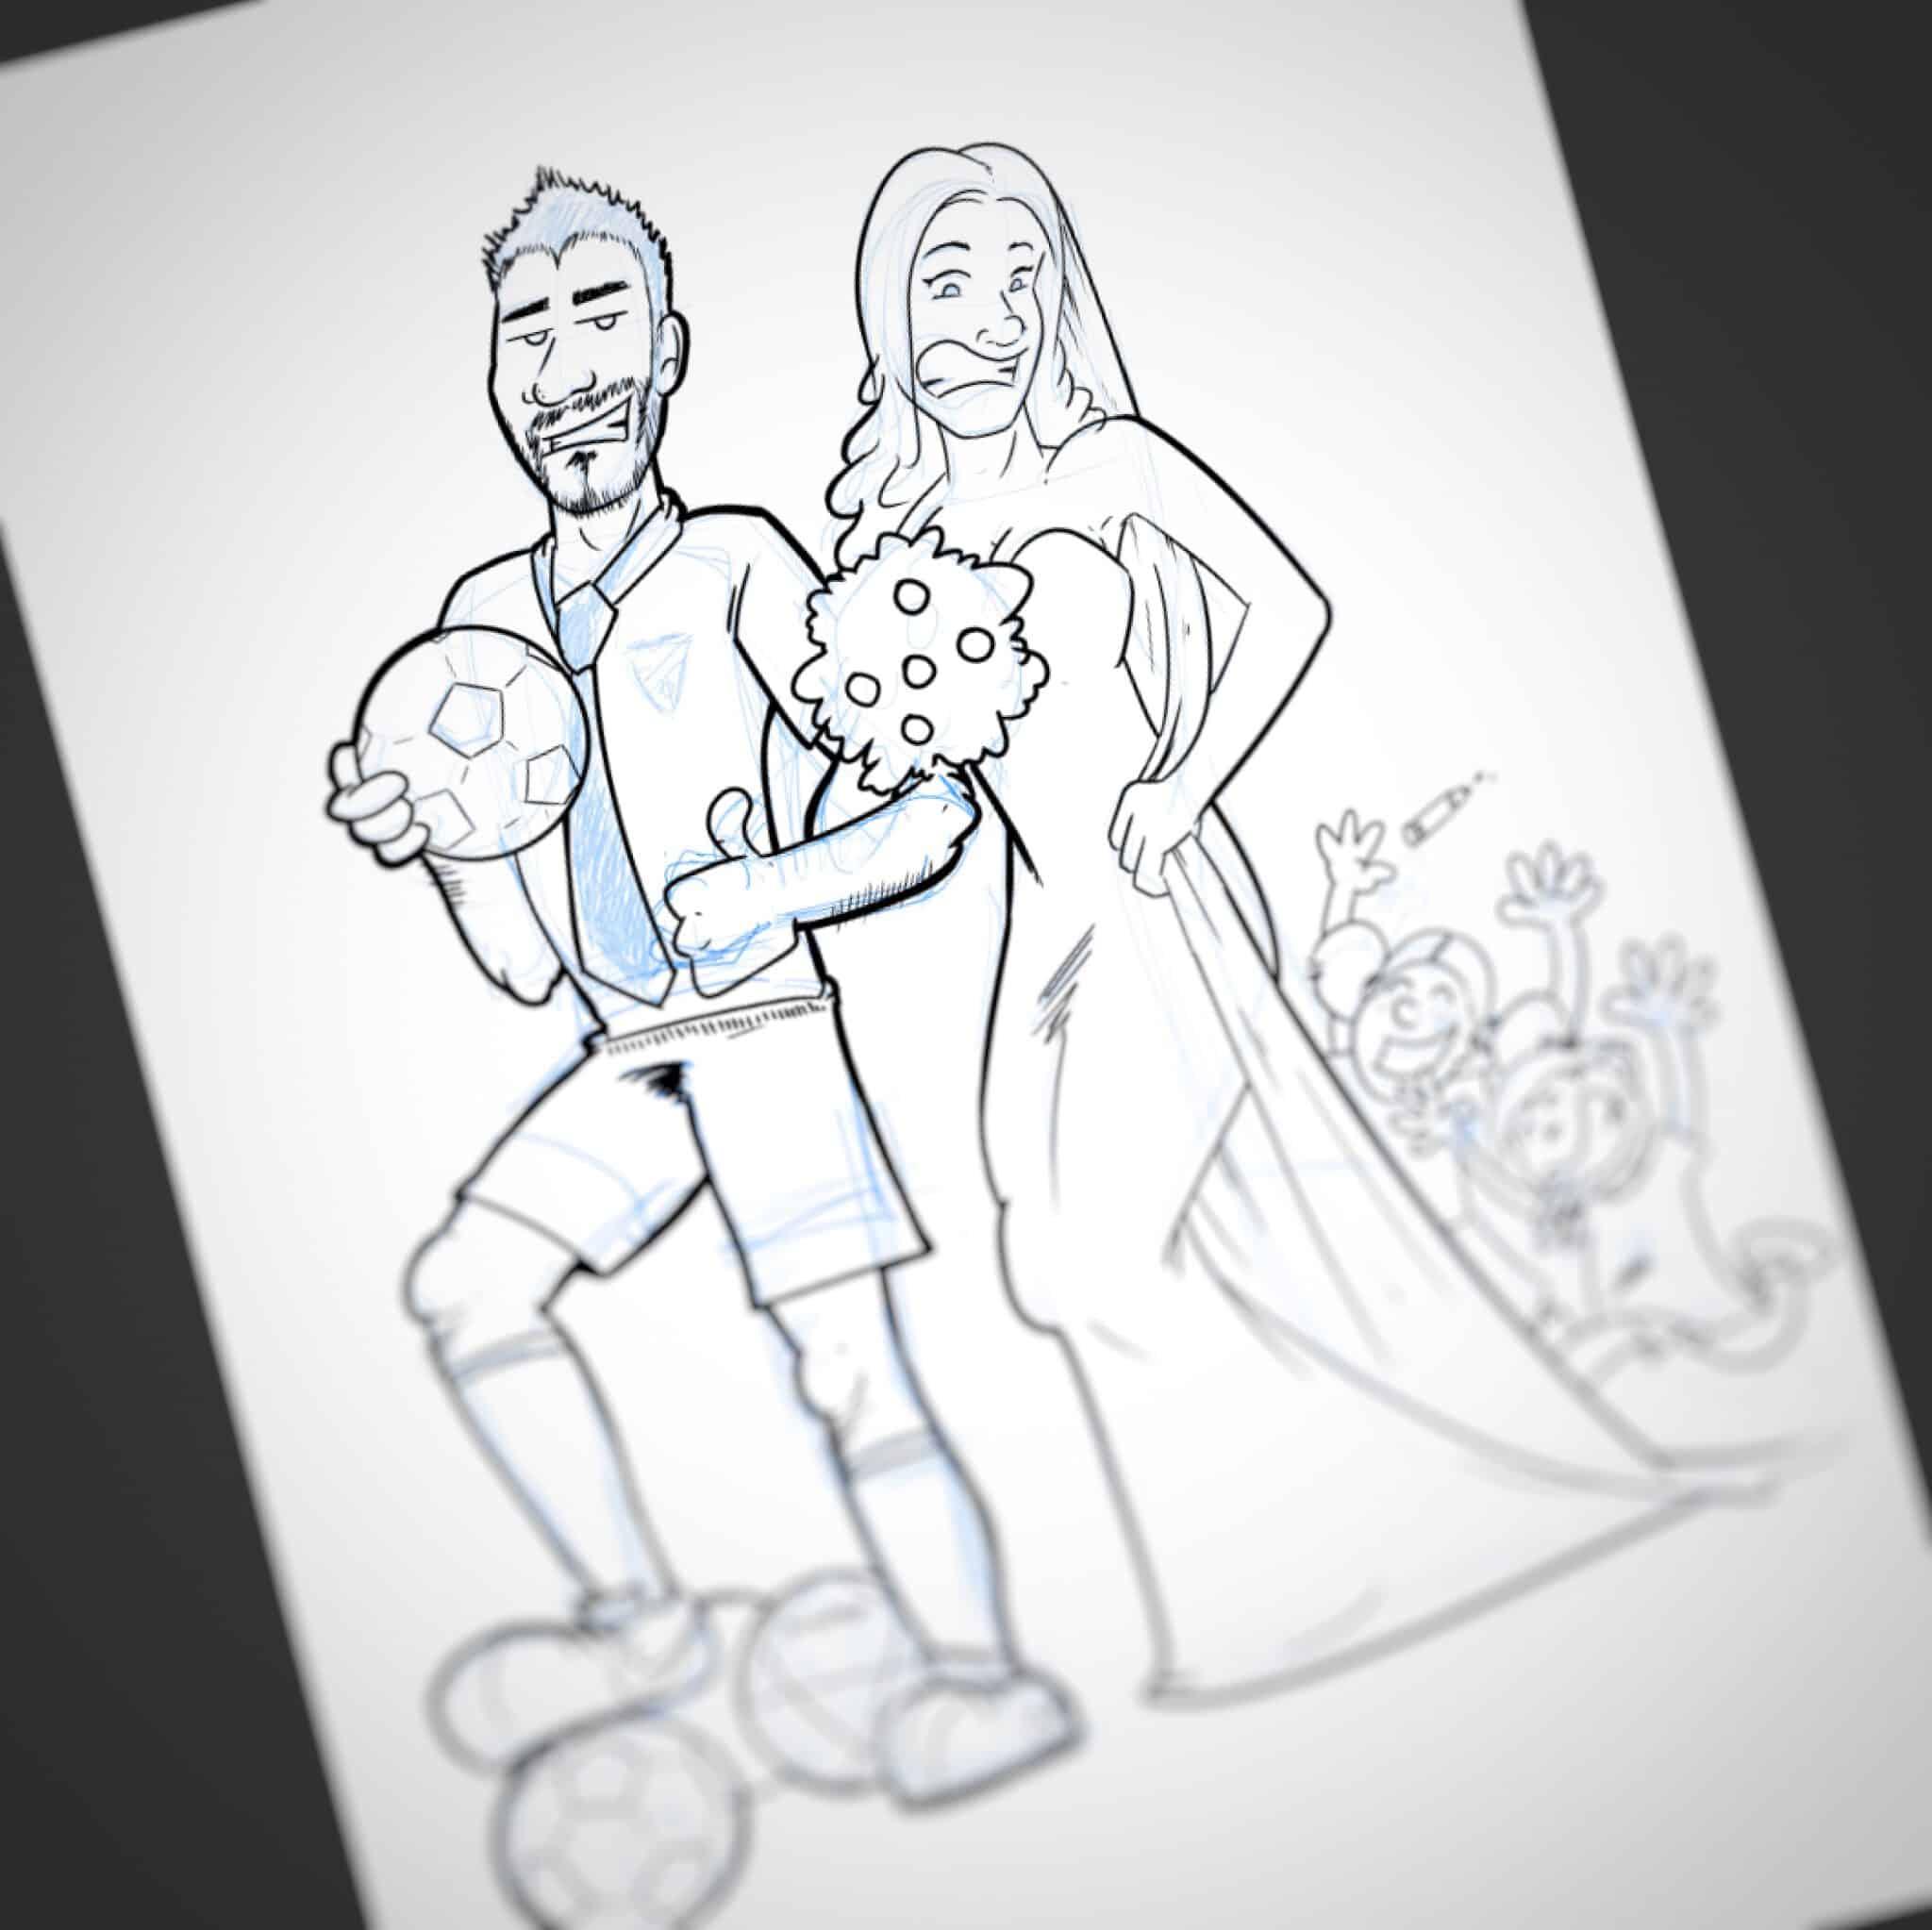 Caricatura personalizada: parches, fútbol, niños y bodas